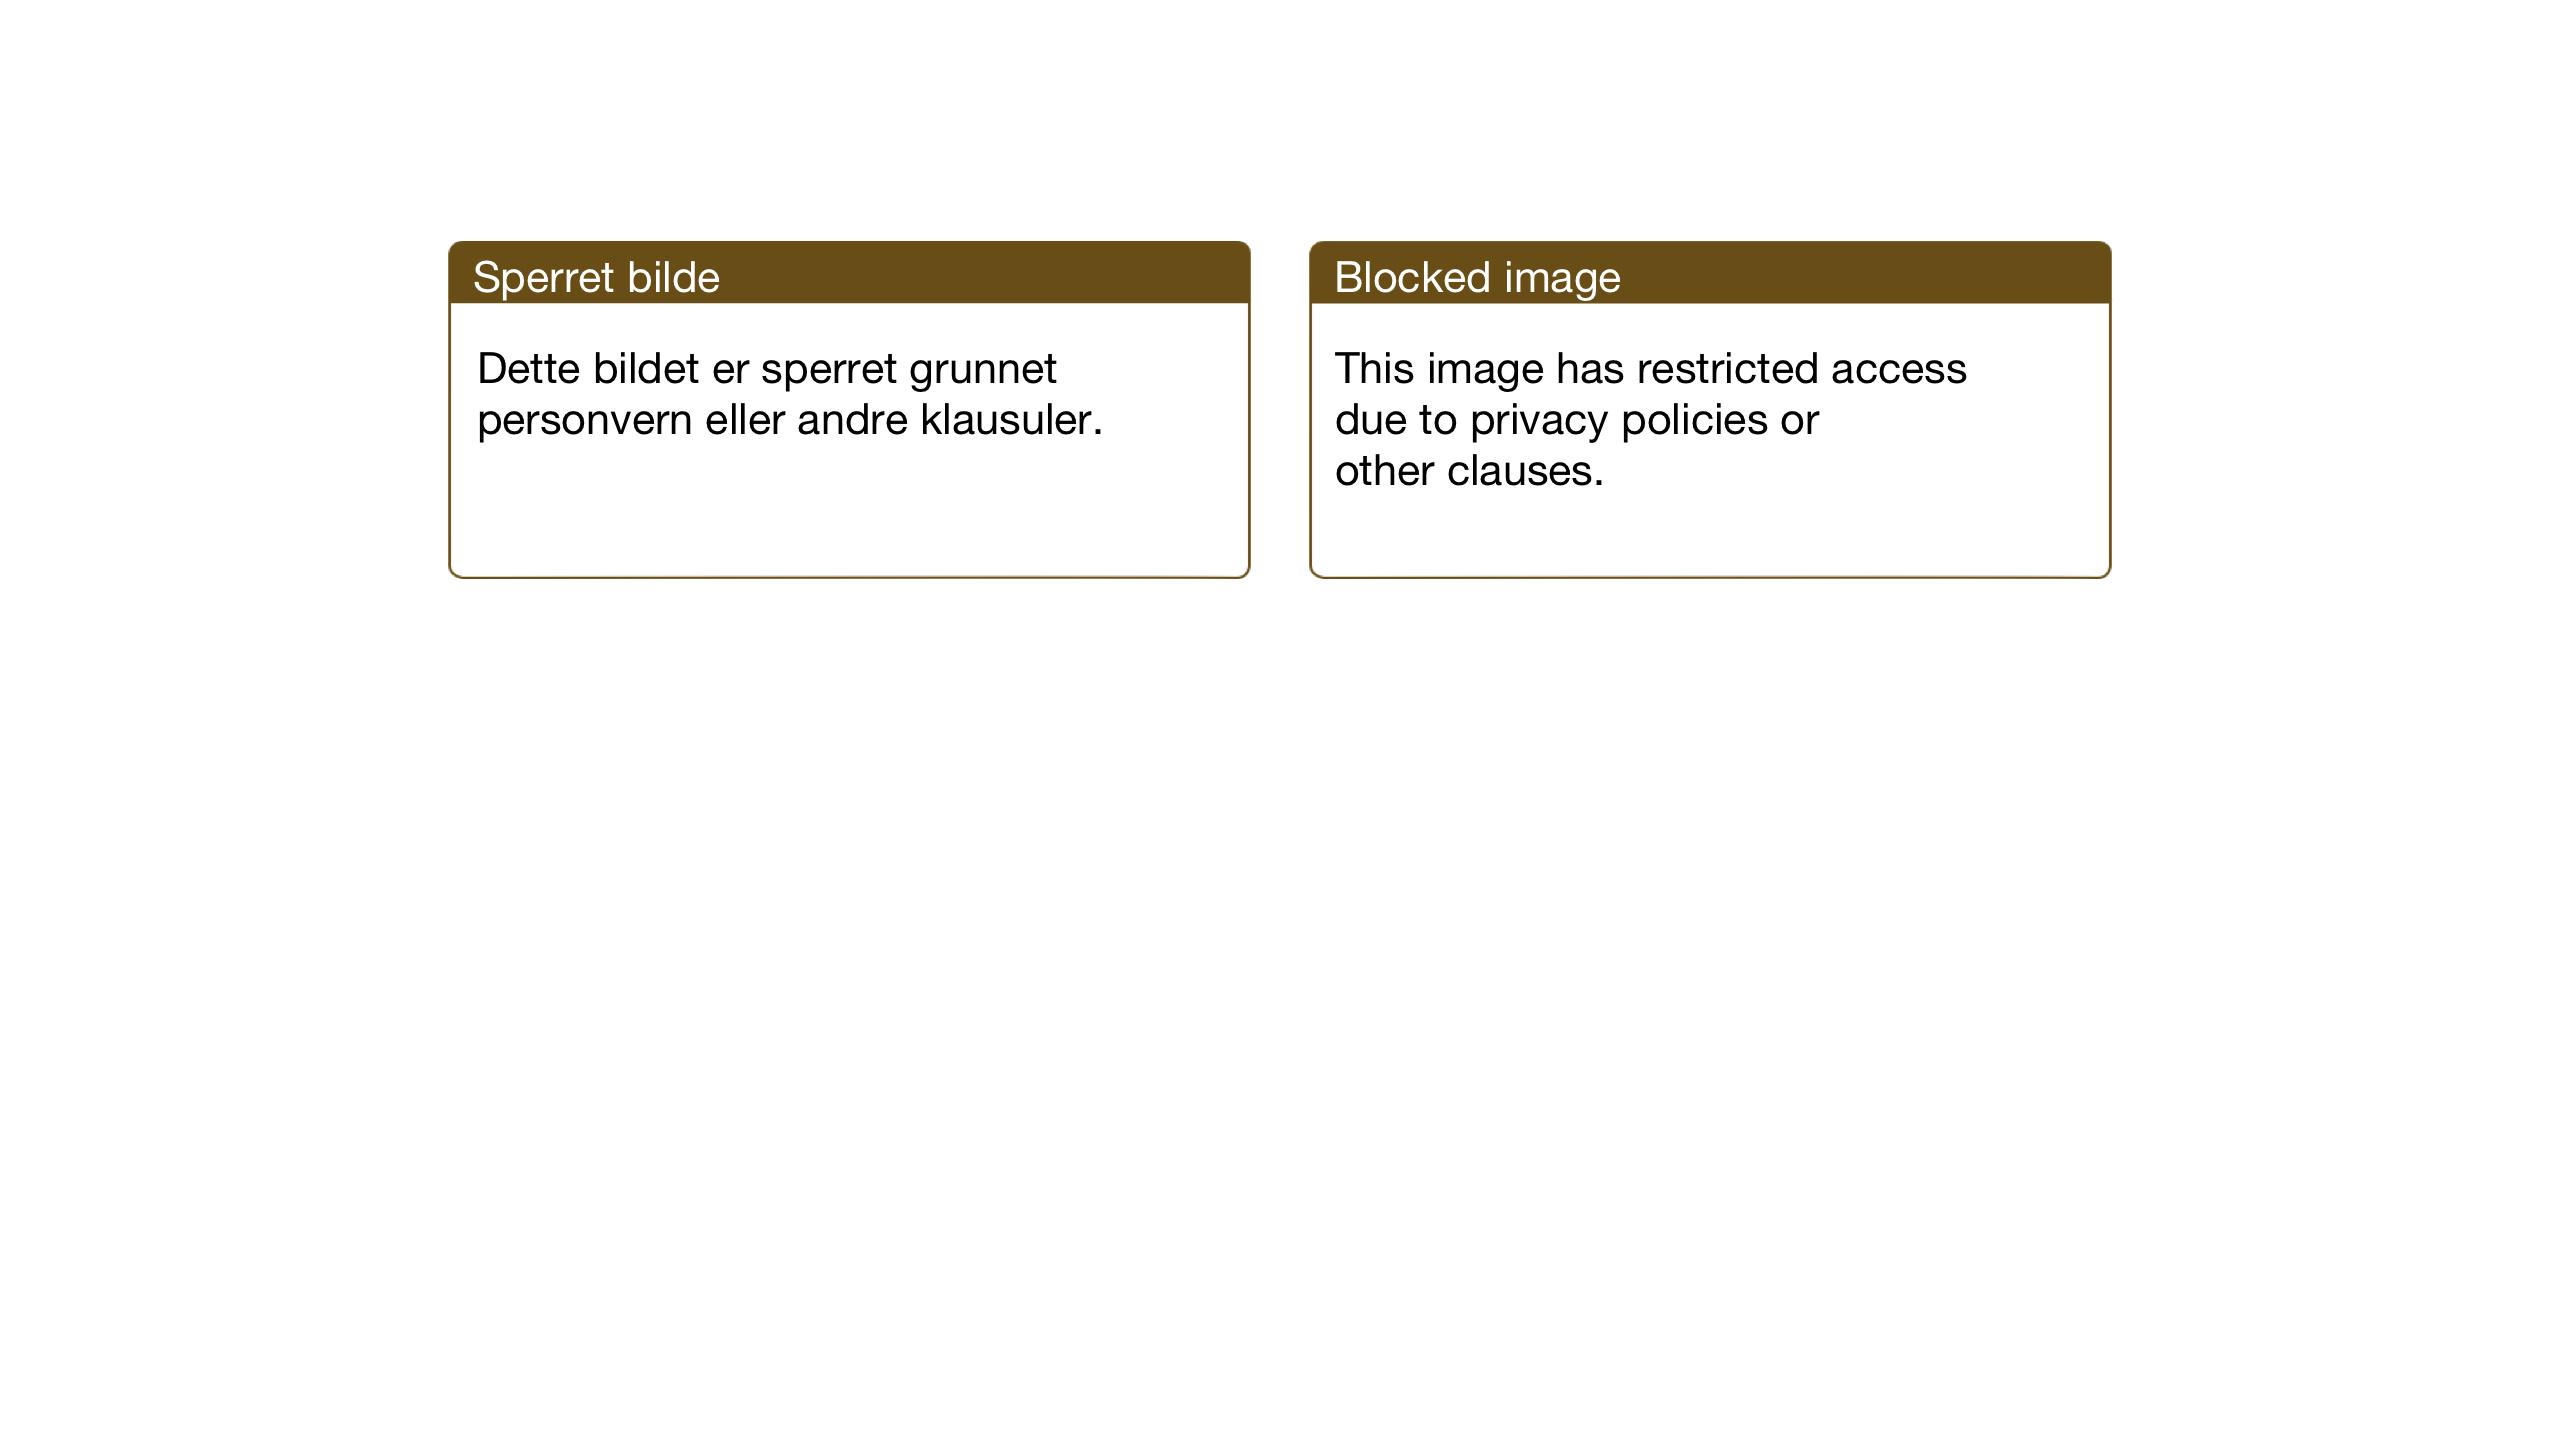 SAT, Ministerialprotokoller, klokkerbøker og fødselsregistre - Sør-Trøndelag, 681/L0944: Klokkerbok nr. 681C08, 1926-1954, s. 10